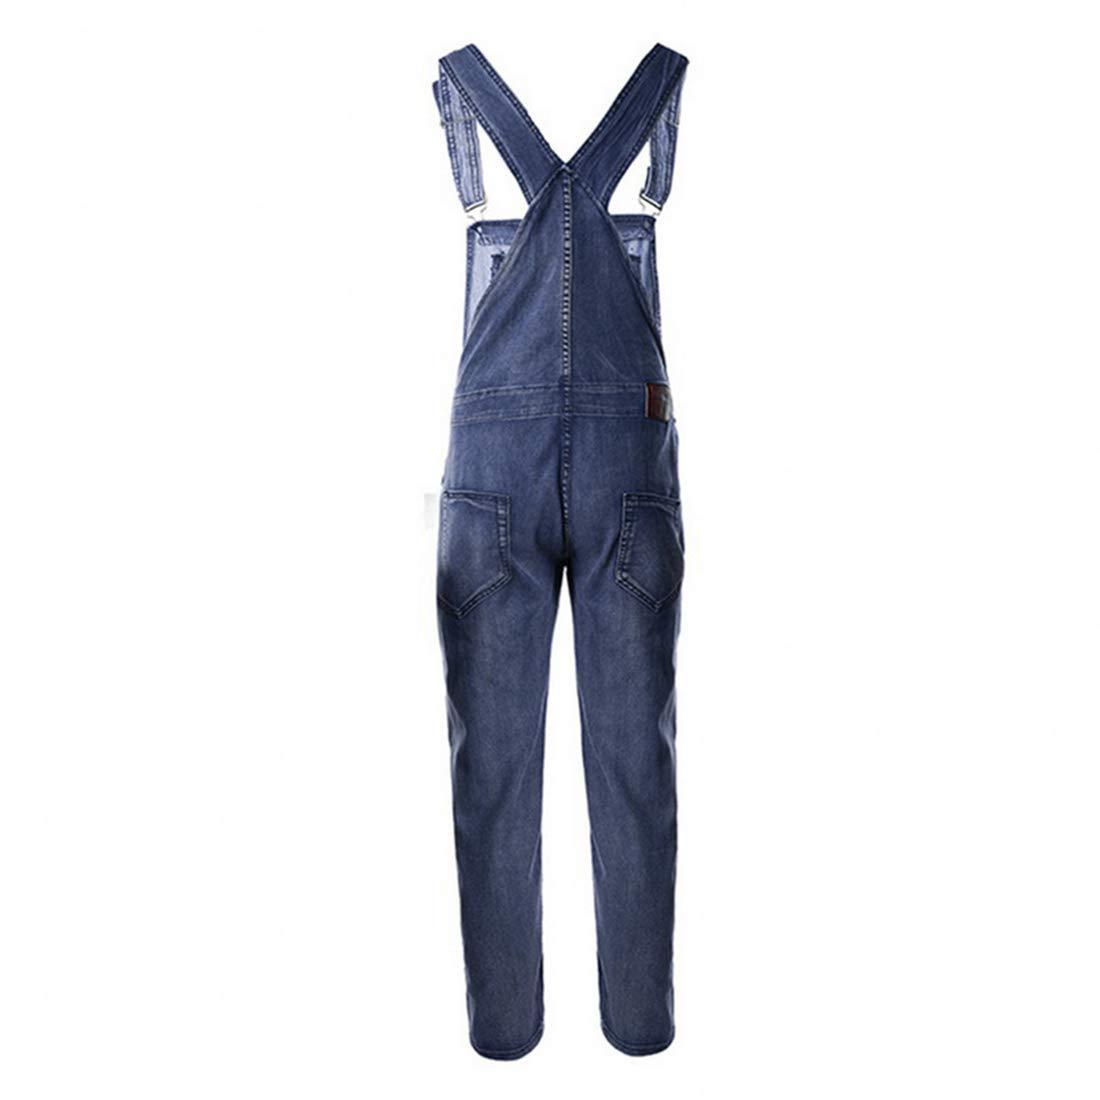 RainBabe Salopette da Uomo Jeans Strappati alla Moda Maschile Casual